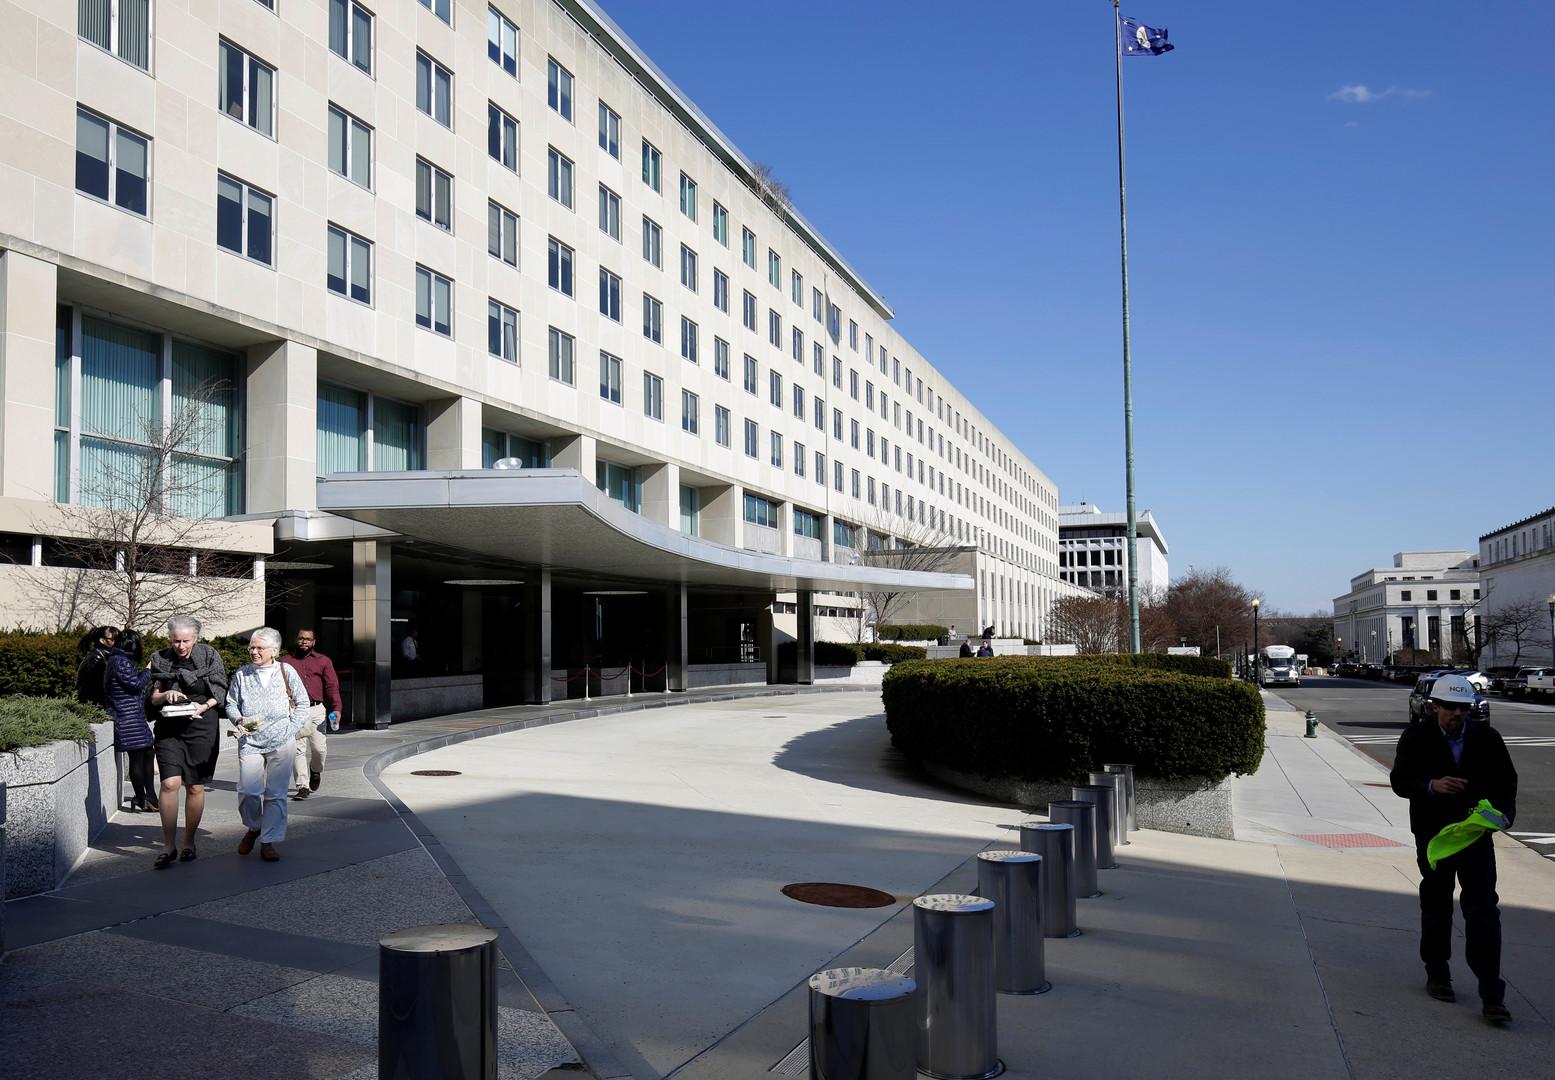 الولايات المتحدة تؤيد القرار الإيطالي لإعادة مقاتل إيطالي من سوريا إلى الوطن